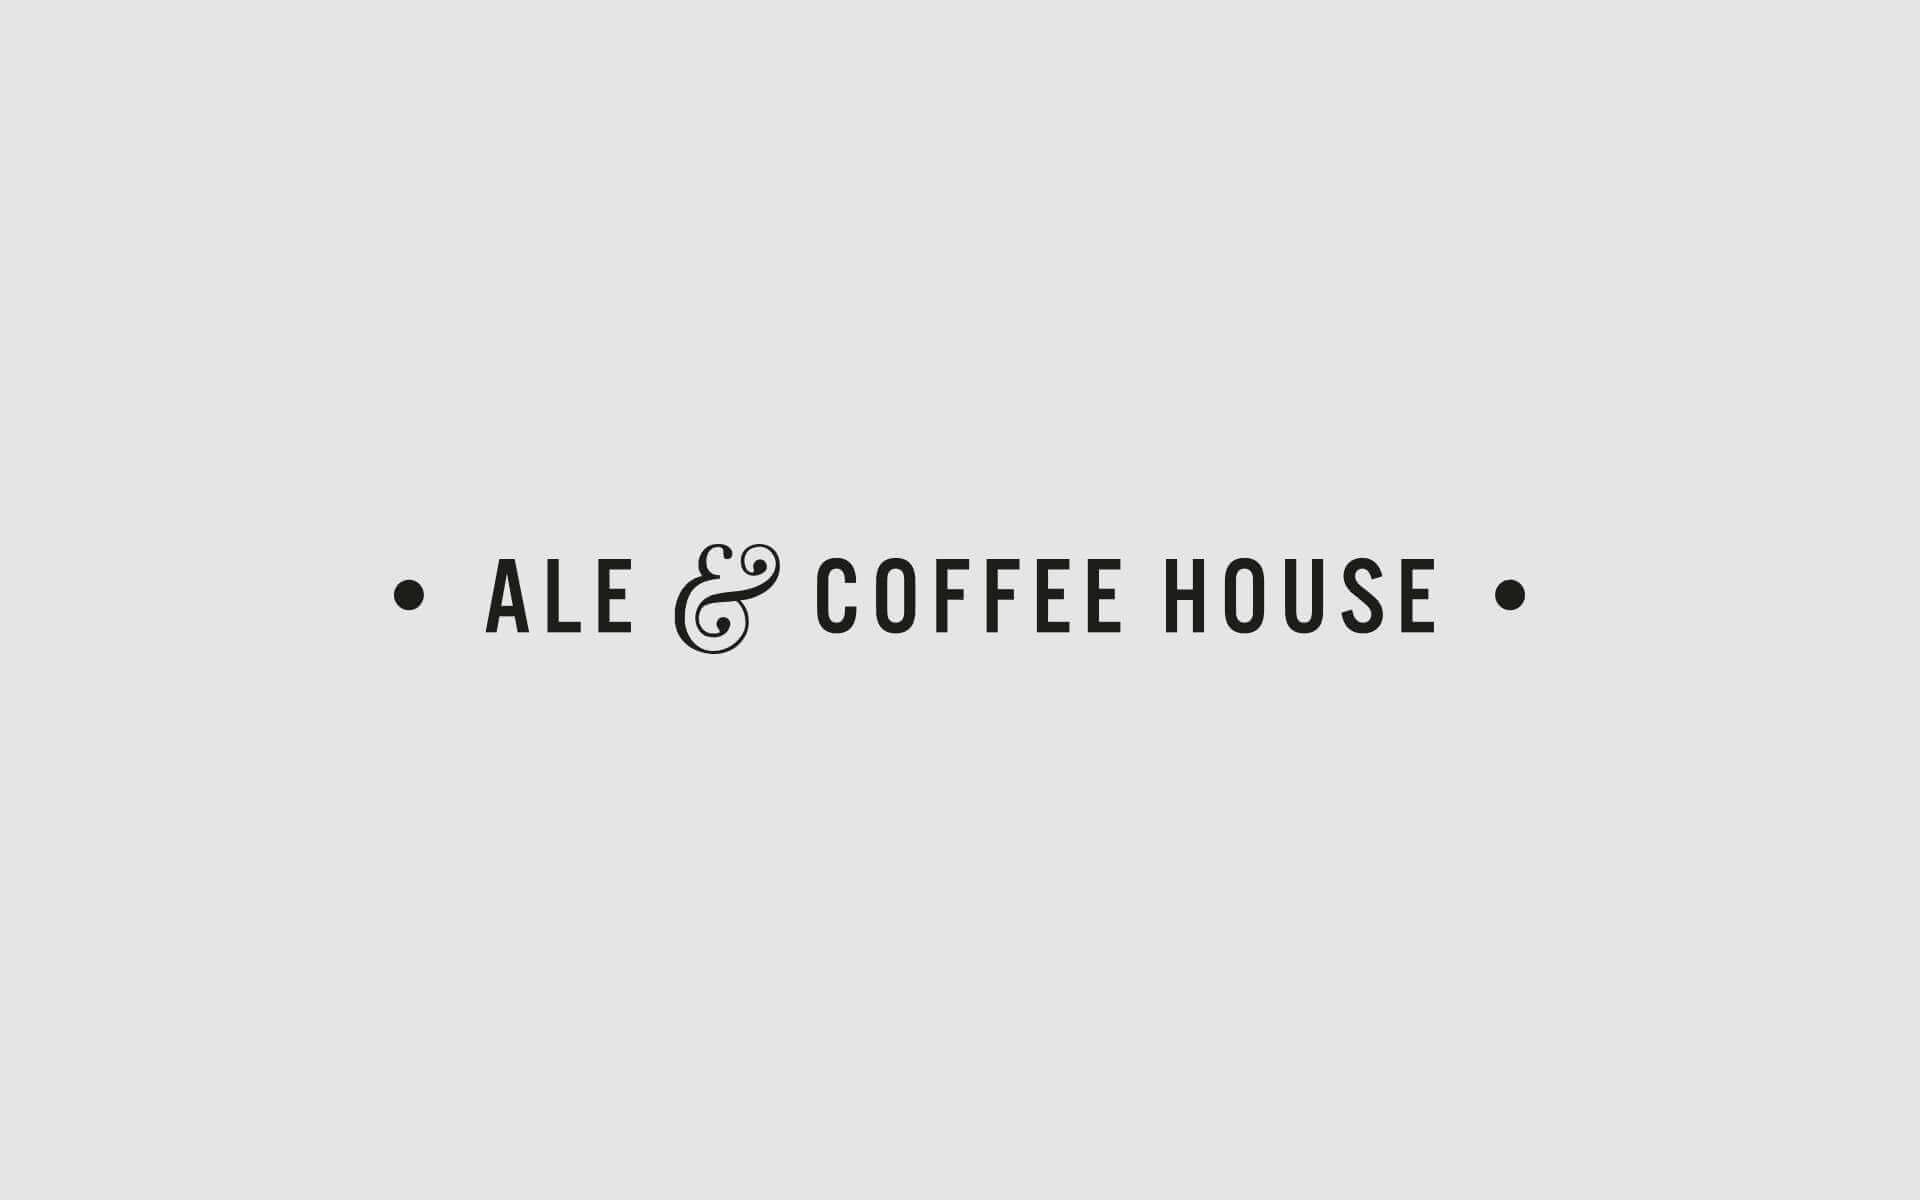 alecoffeehouse logo